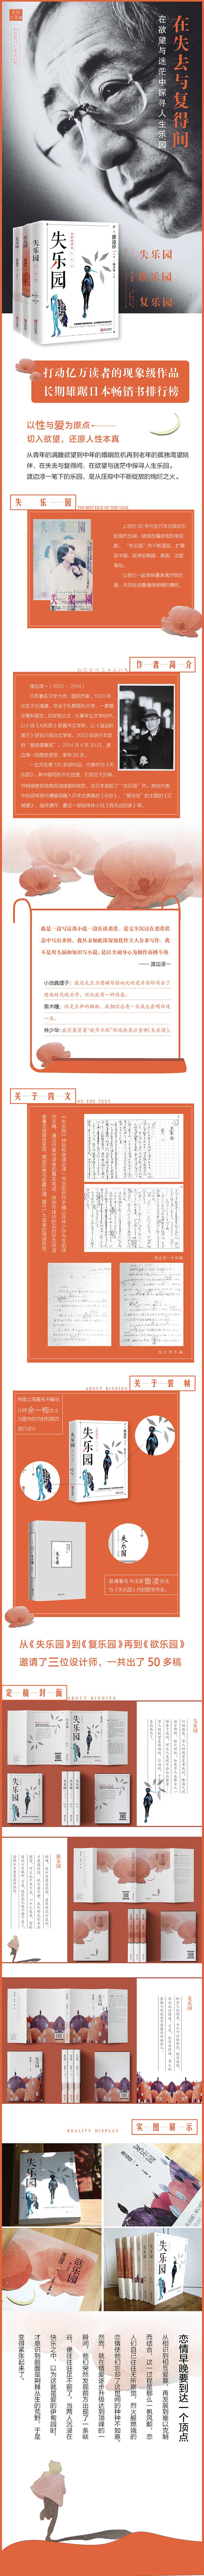 失楽園-渡辺淳一『失楽園』の中国語版